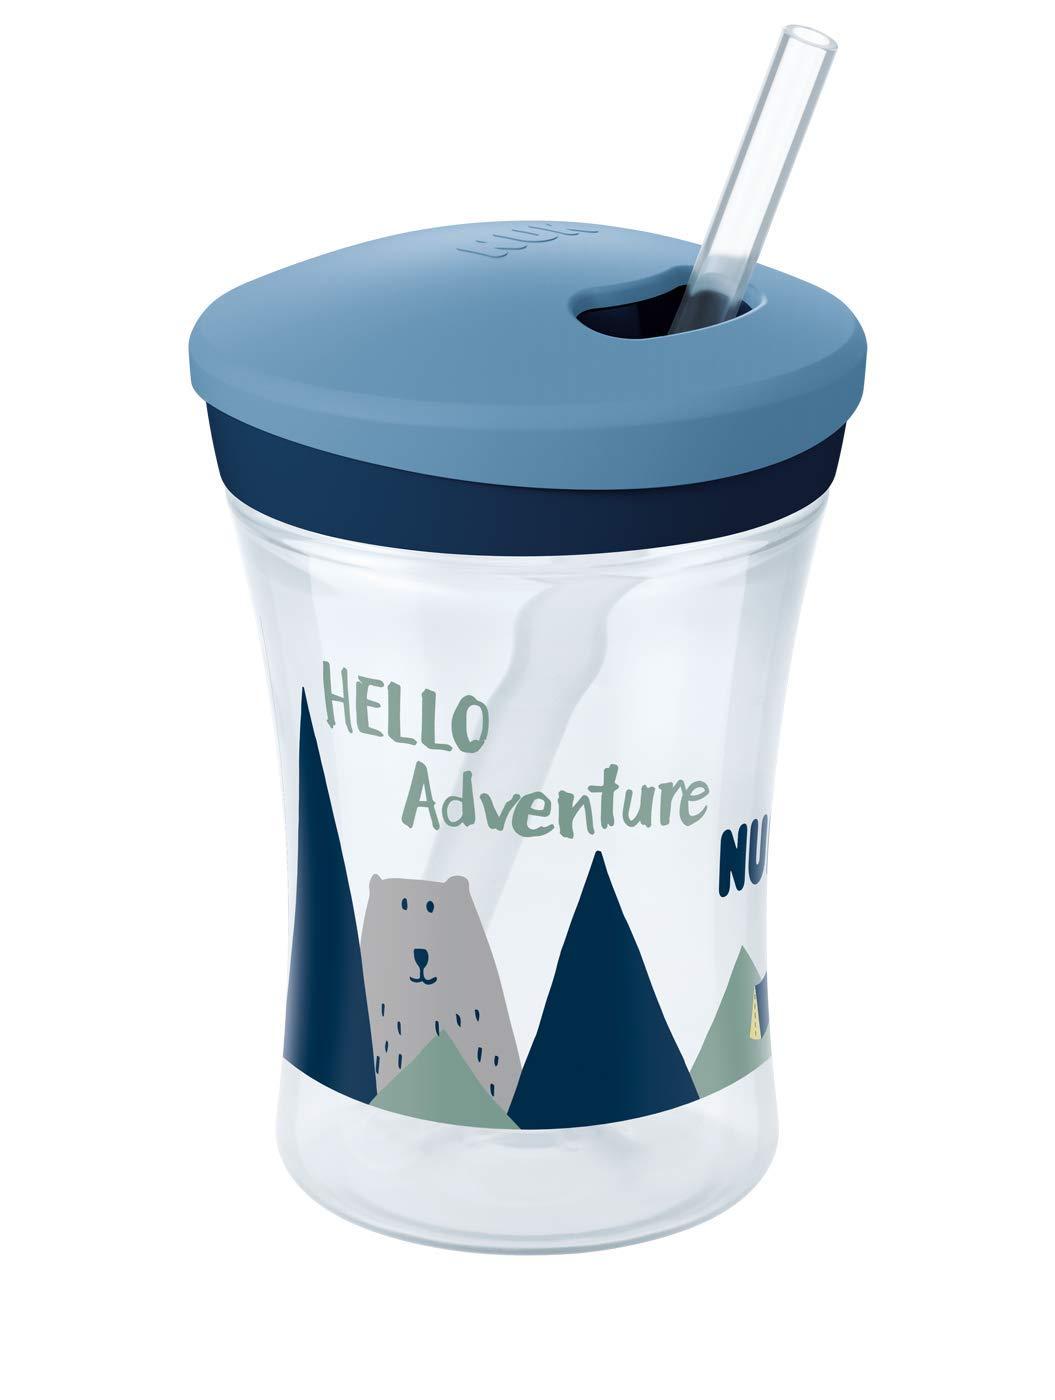 Boy BPA frei weicher Trinkhalm auslaufsicher NUK 10255513 Hello Adventure Action Cup 230ml ab 12 Monaten blau